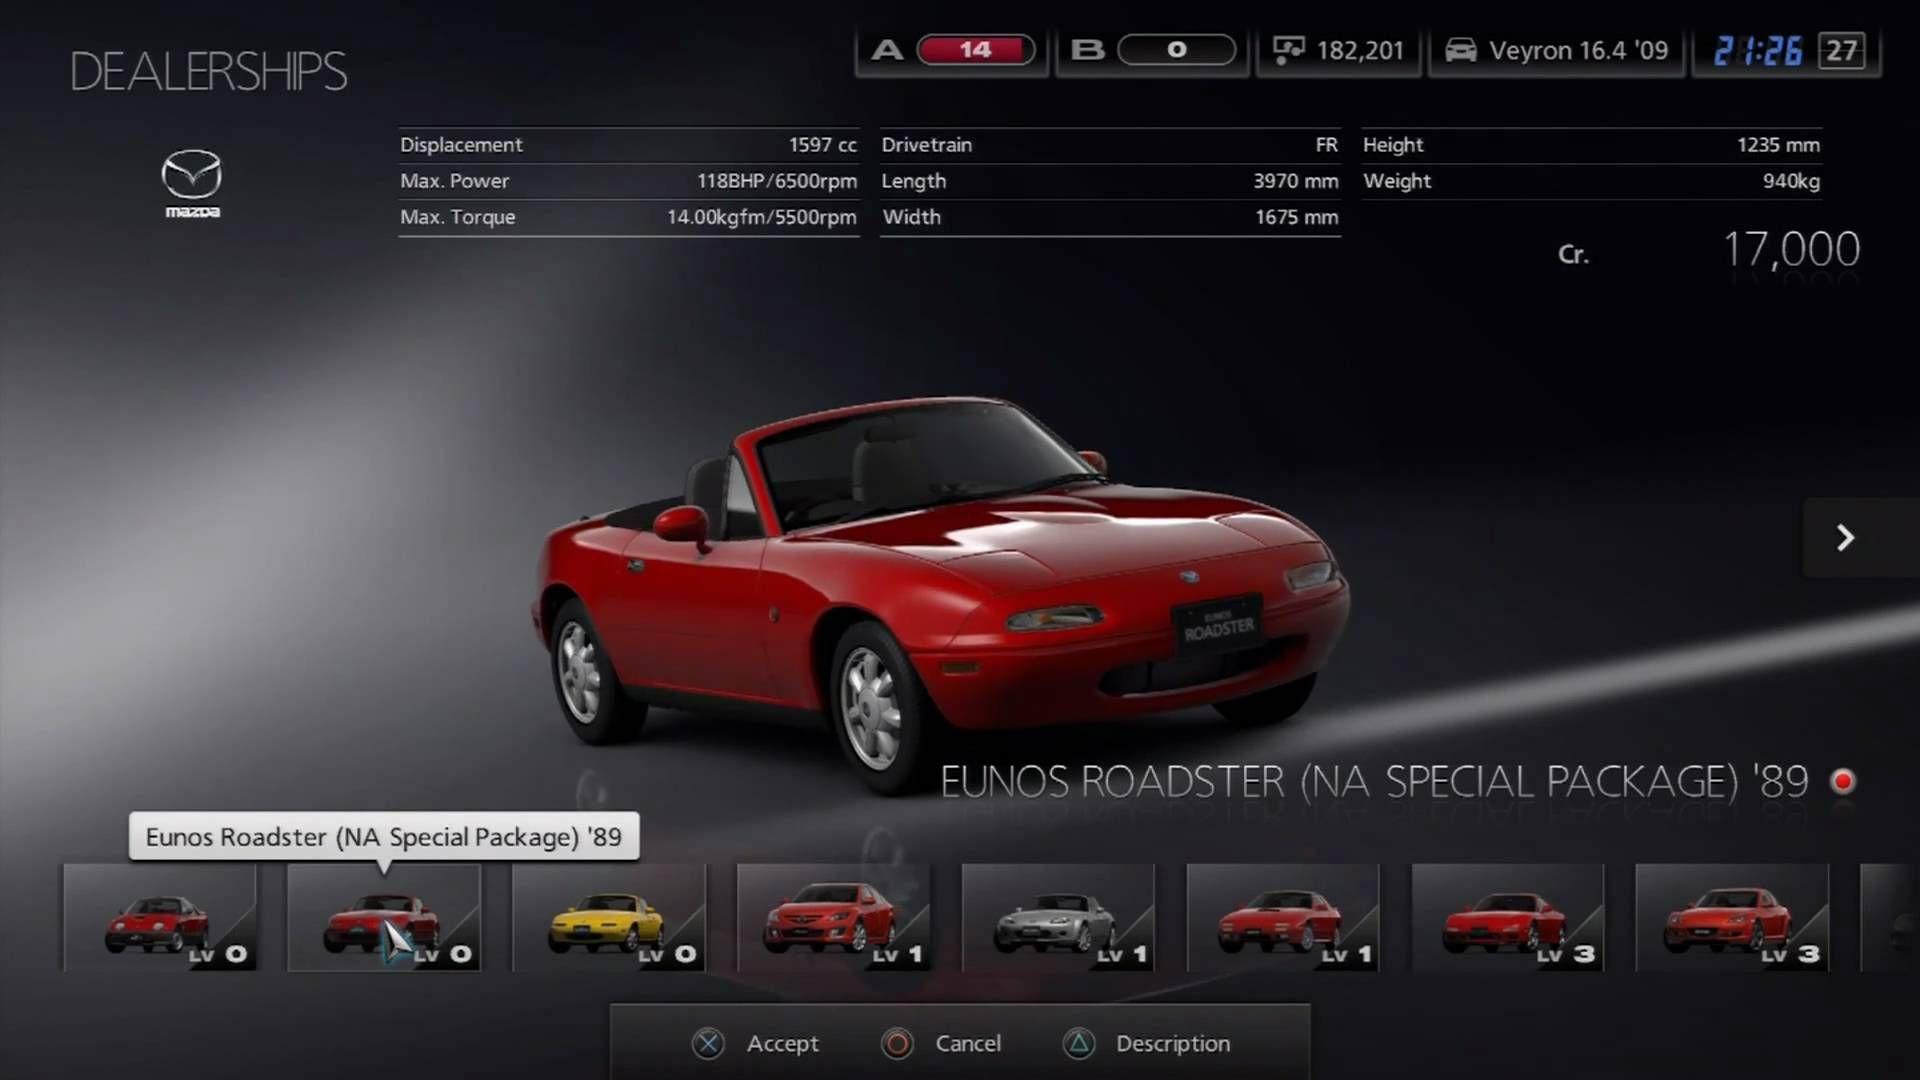 Car selection interface Bugatti veyron 16, Bugatti